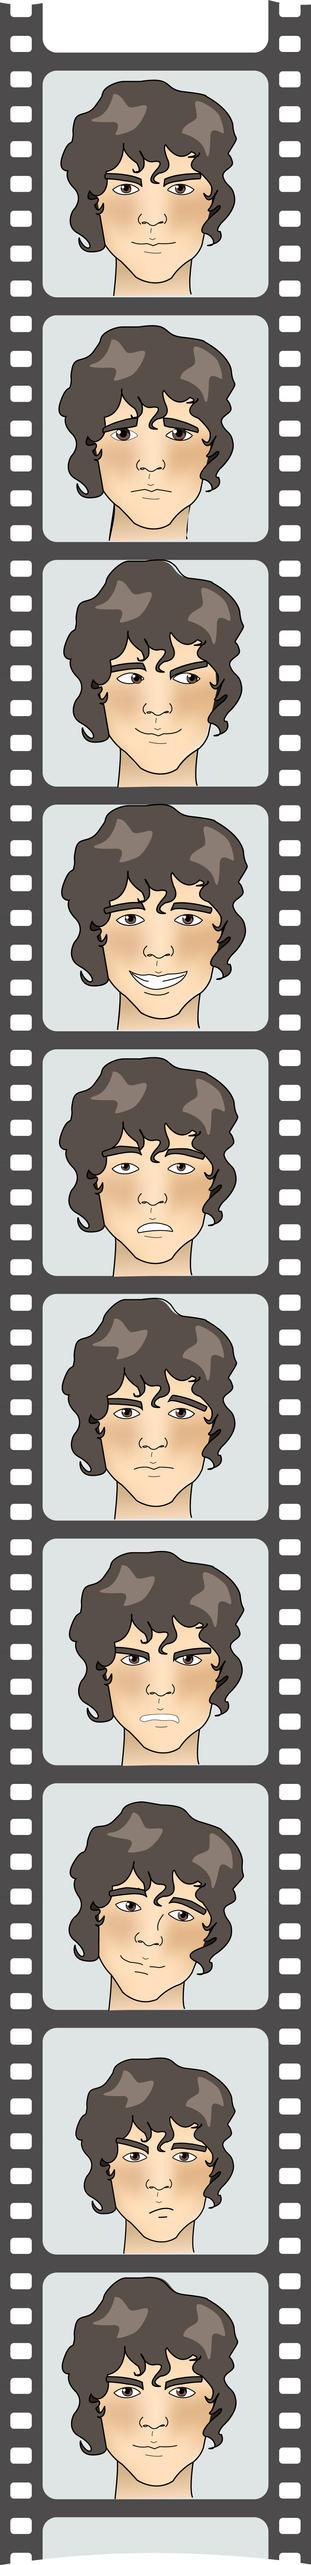 Comic strip mika